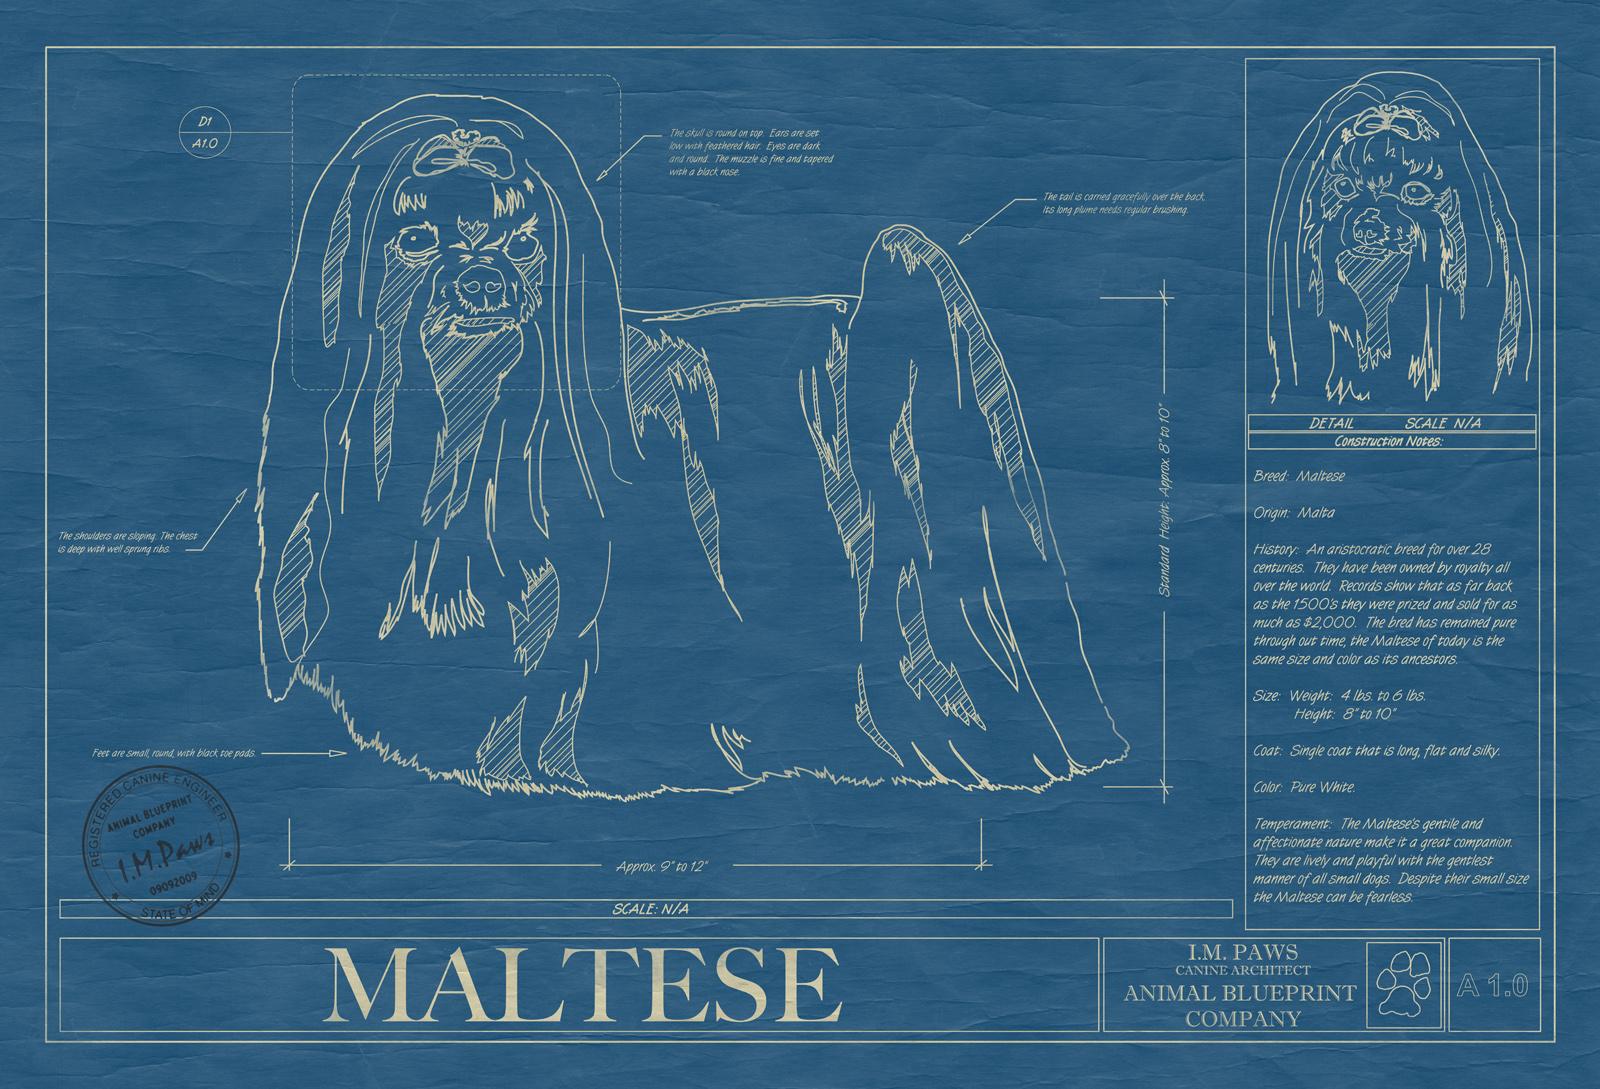 Maltese animal blueprint company maltese dog blueprint malvernweather Choice Image